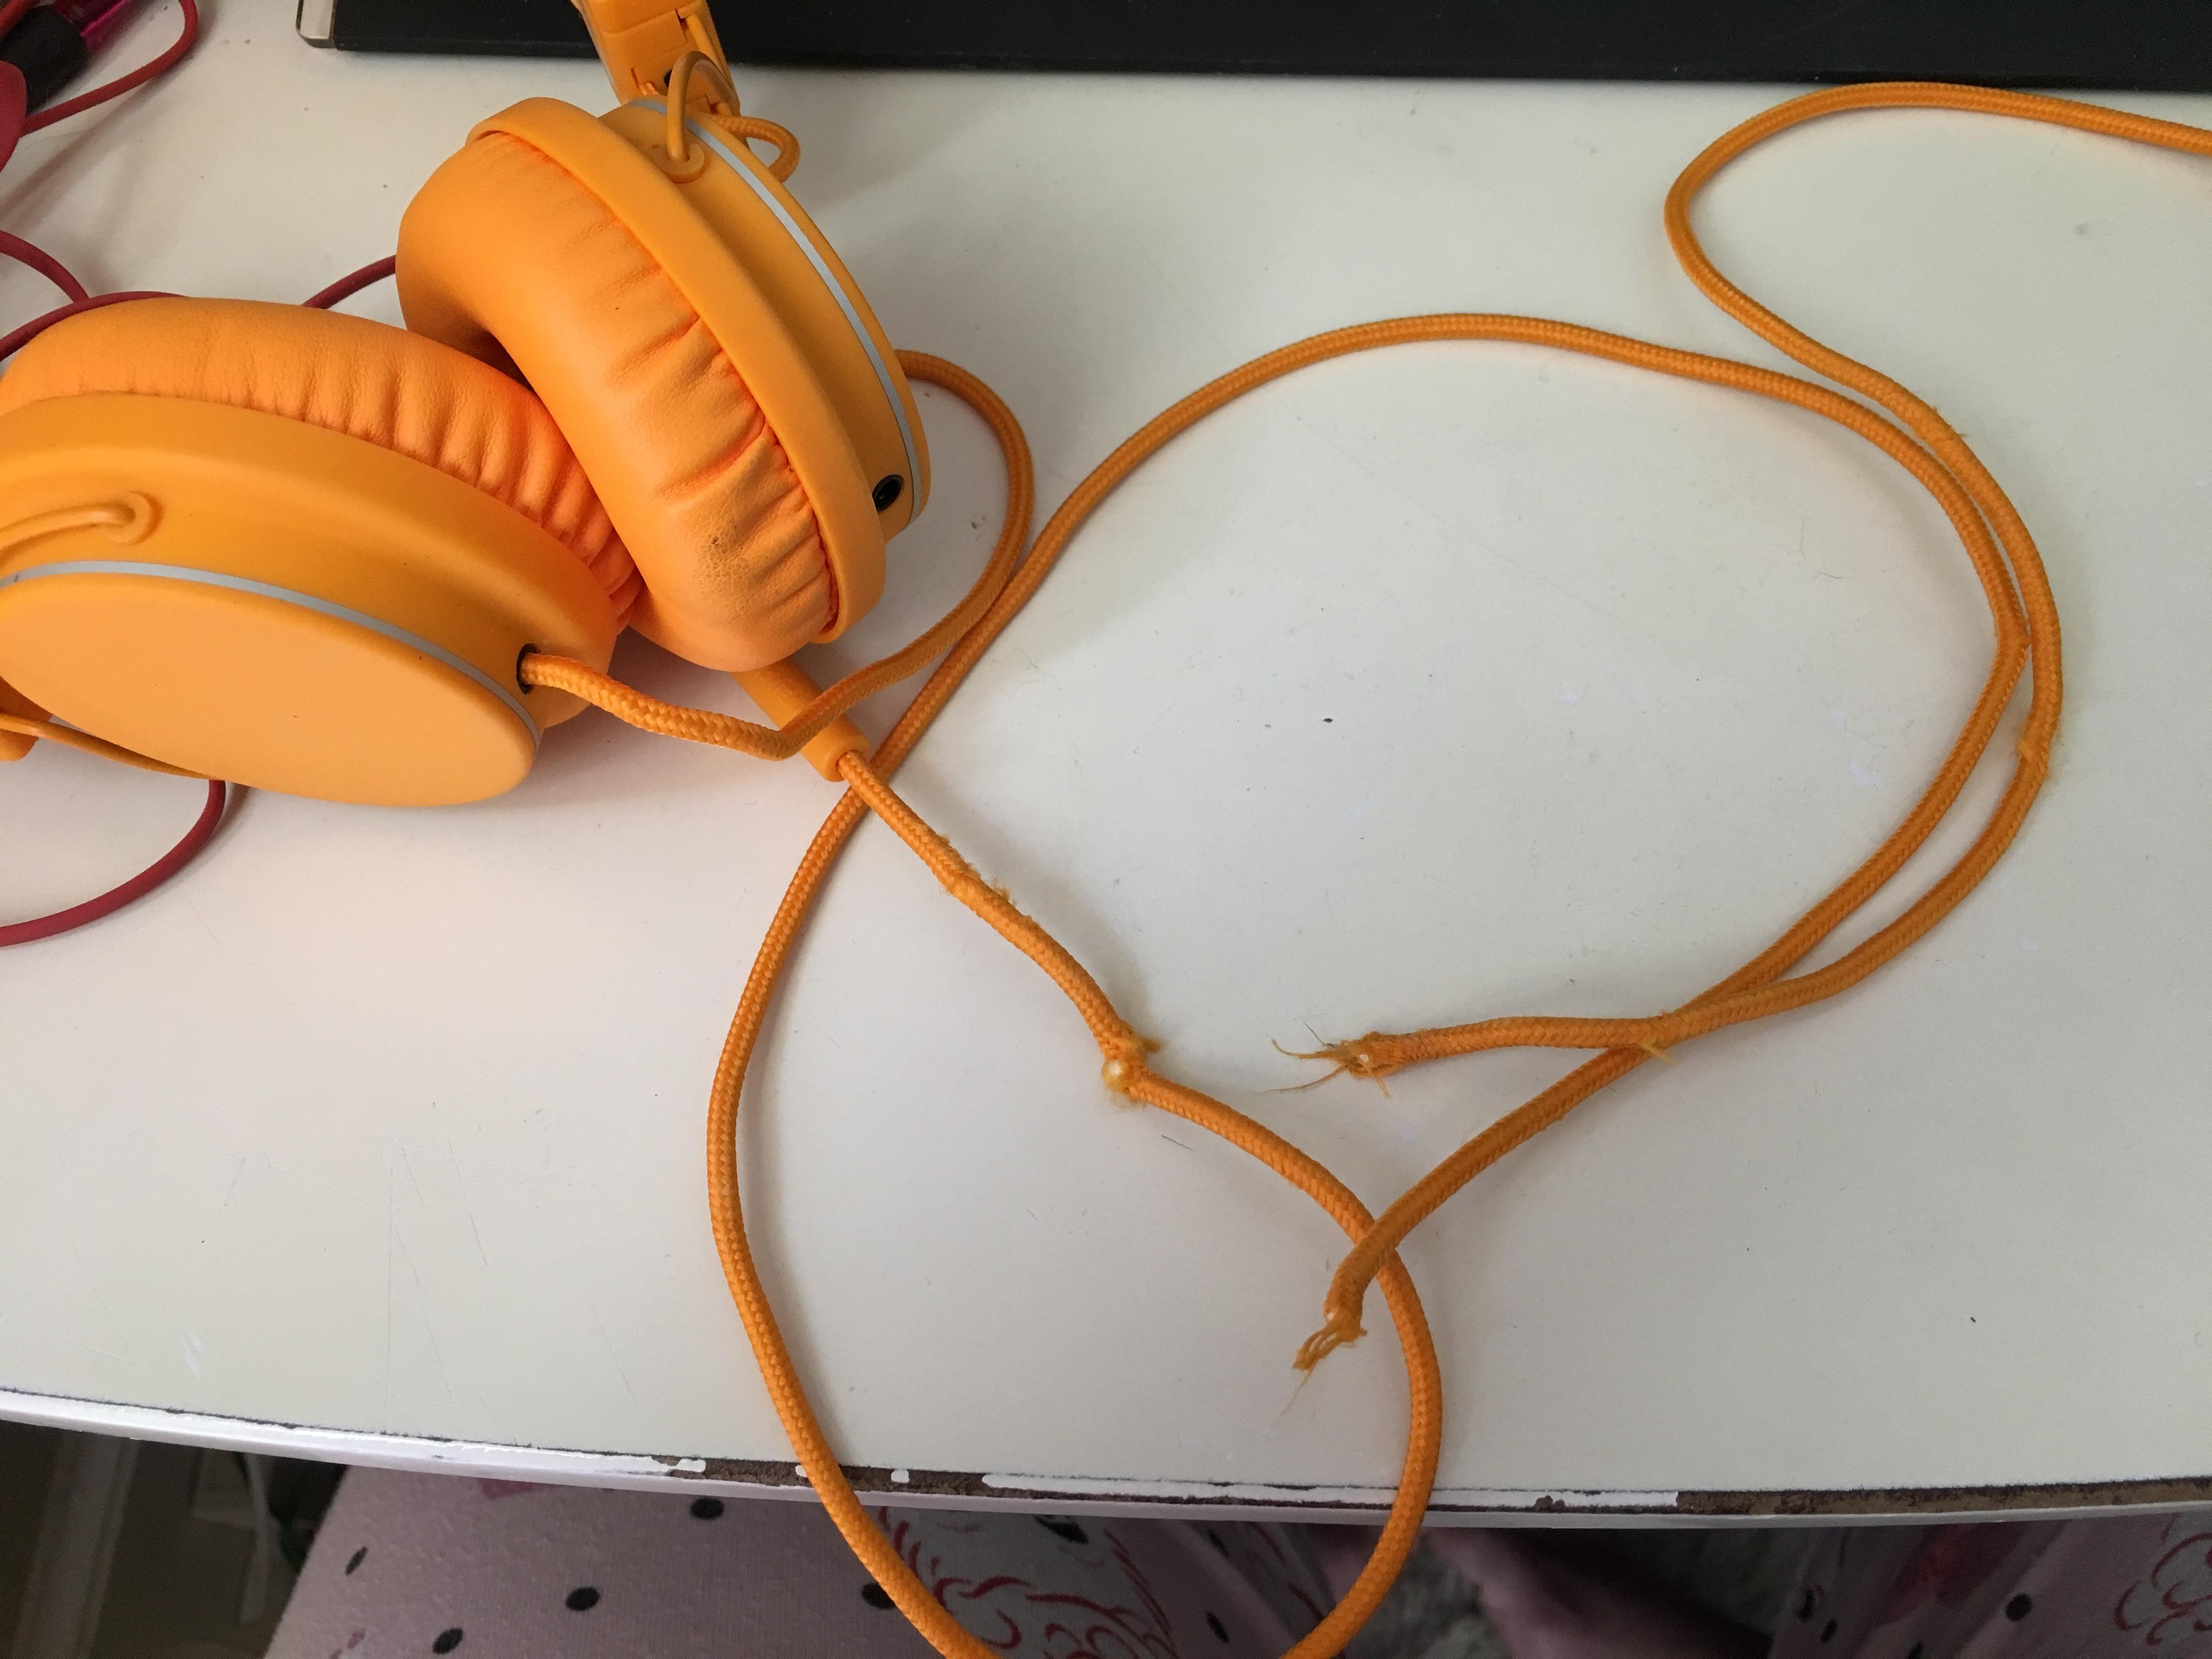 Picture of UrbanEars Plattan Headphone Cord Repair